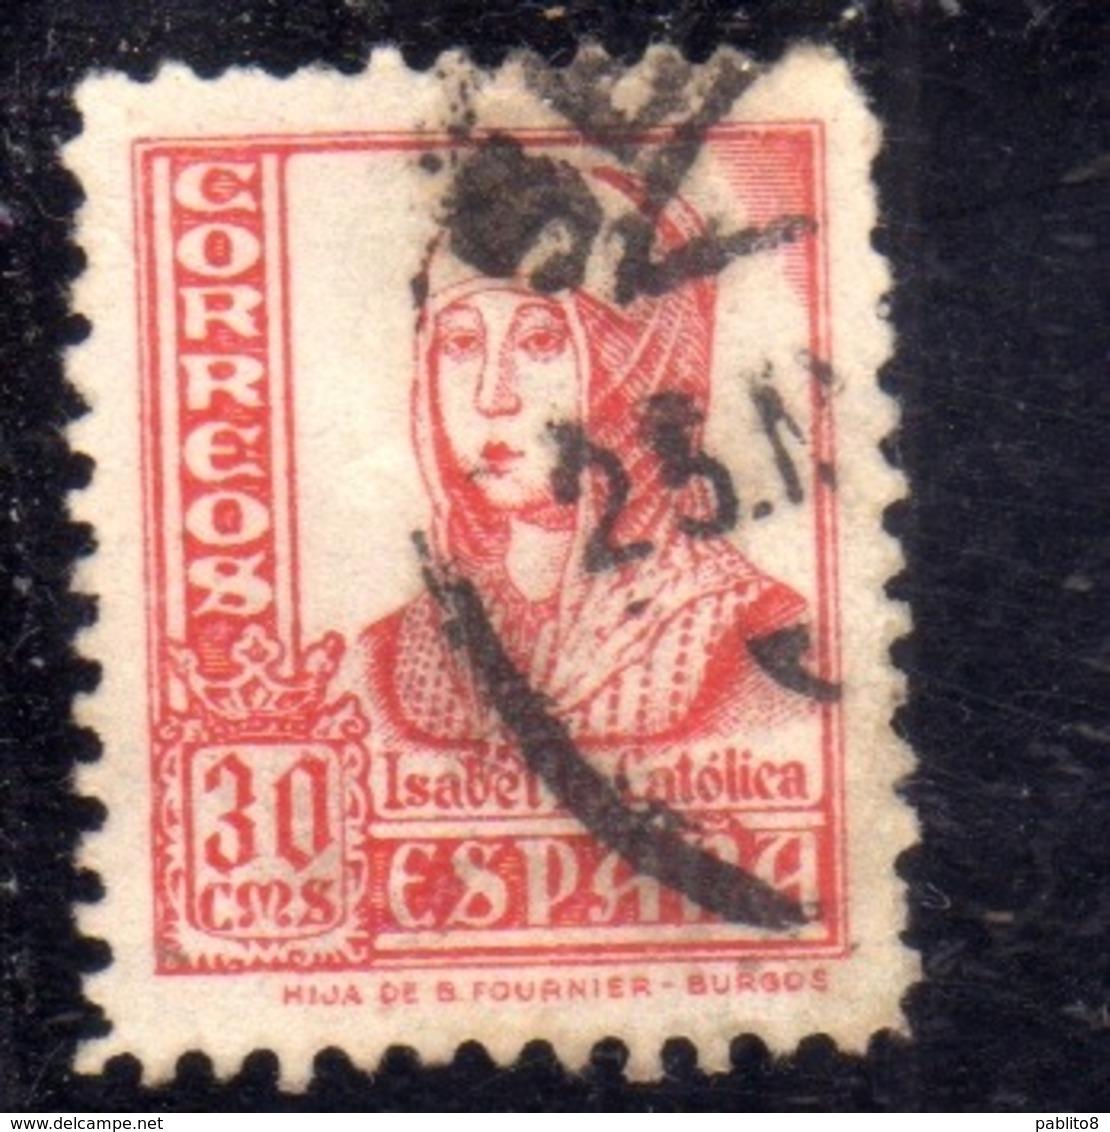 SPAIN ESPAÑA SPAGNA 1936 1940 ISABELLA I QUEEN REGINA CENT. 30c USED USATO OBLITERE' - 1931-Aujourd'hui: II. République - ....Juan Carlos I